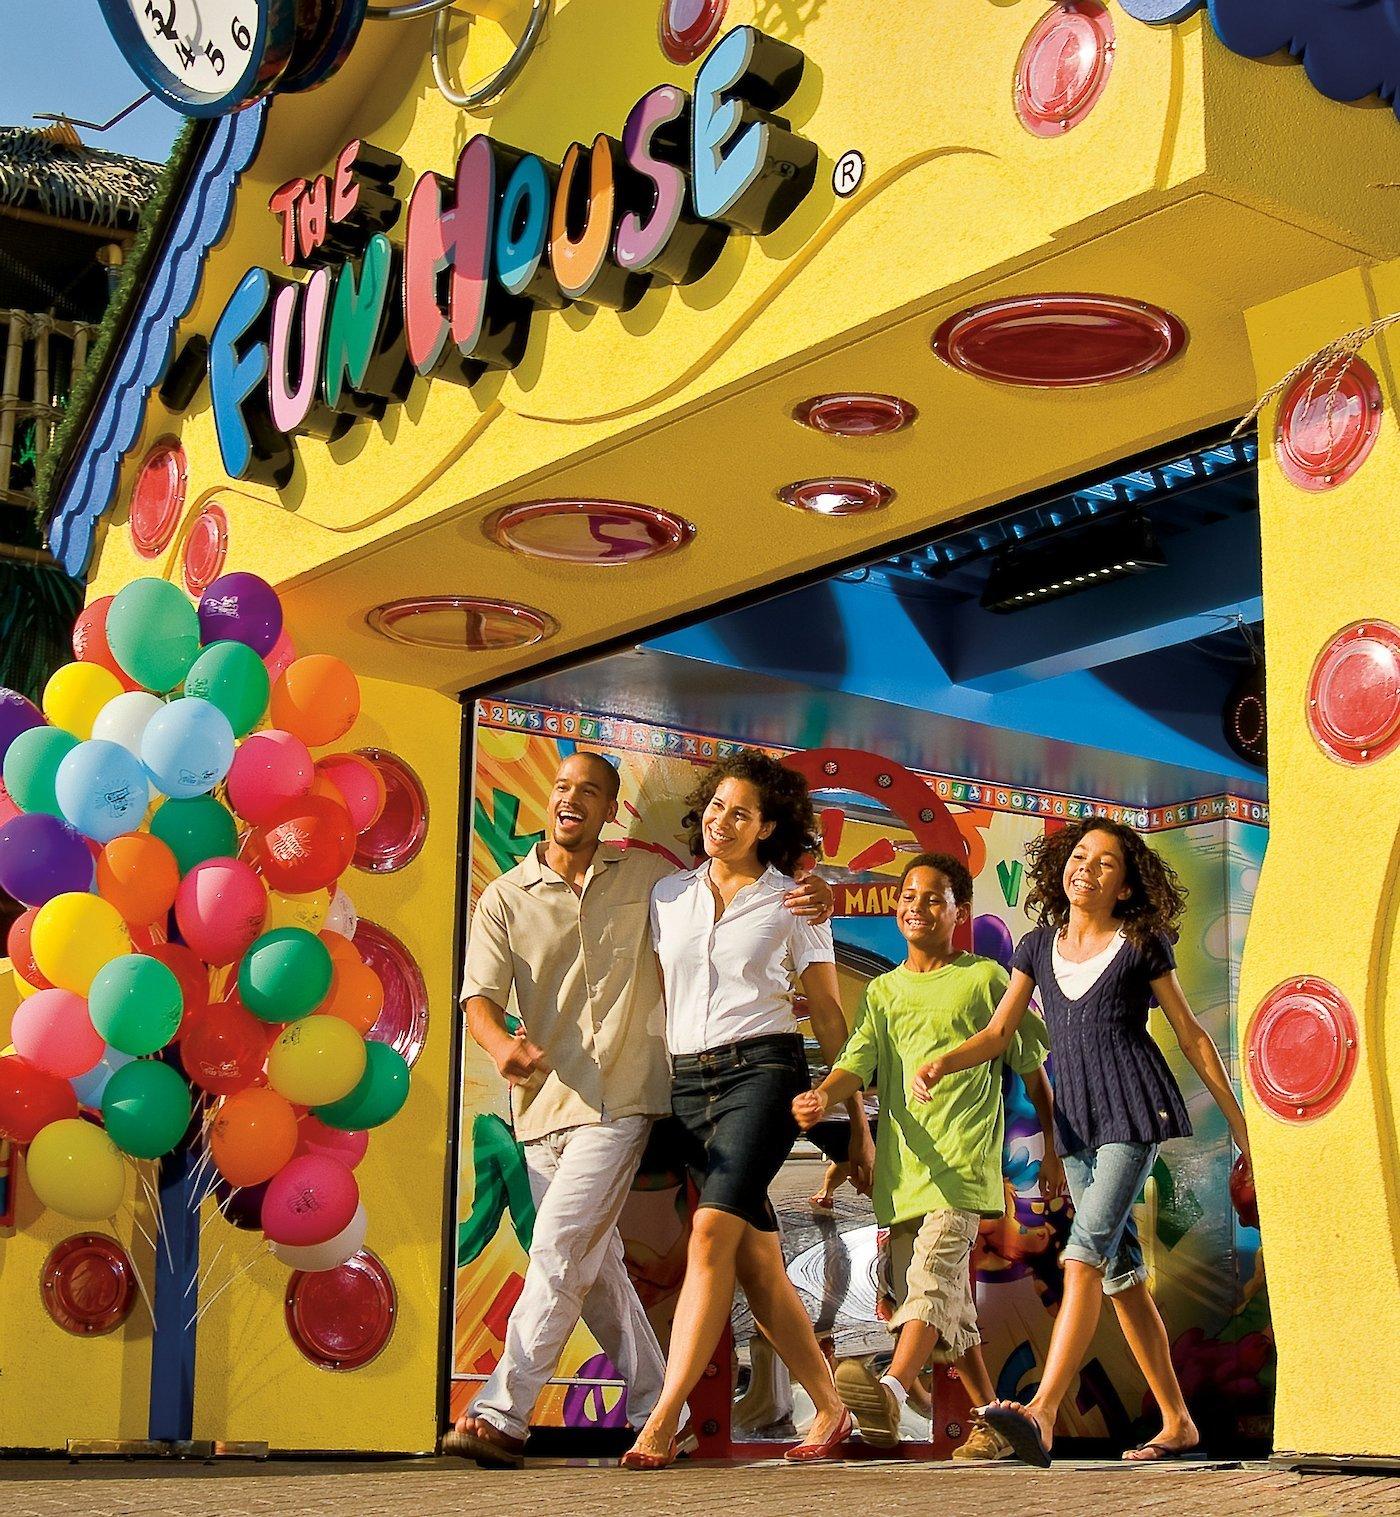 Bigtop casino promo